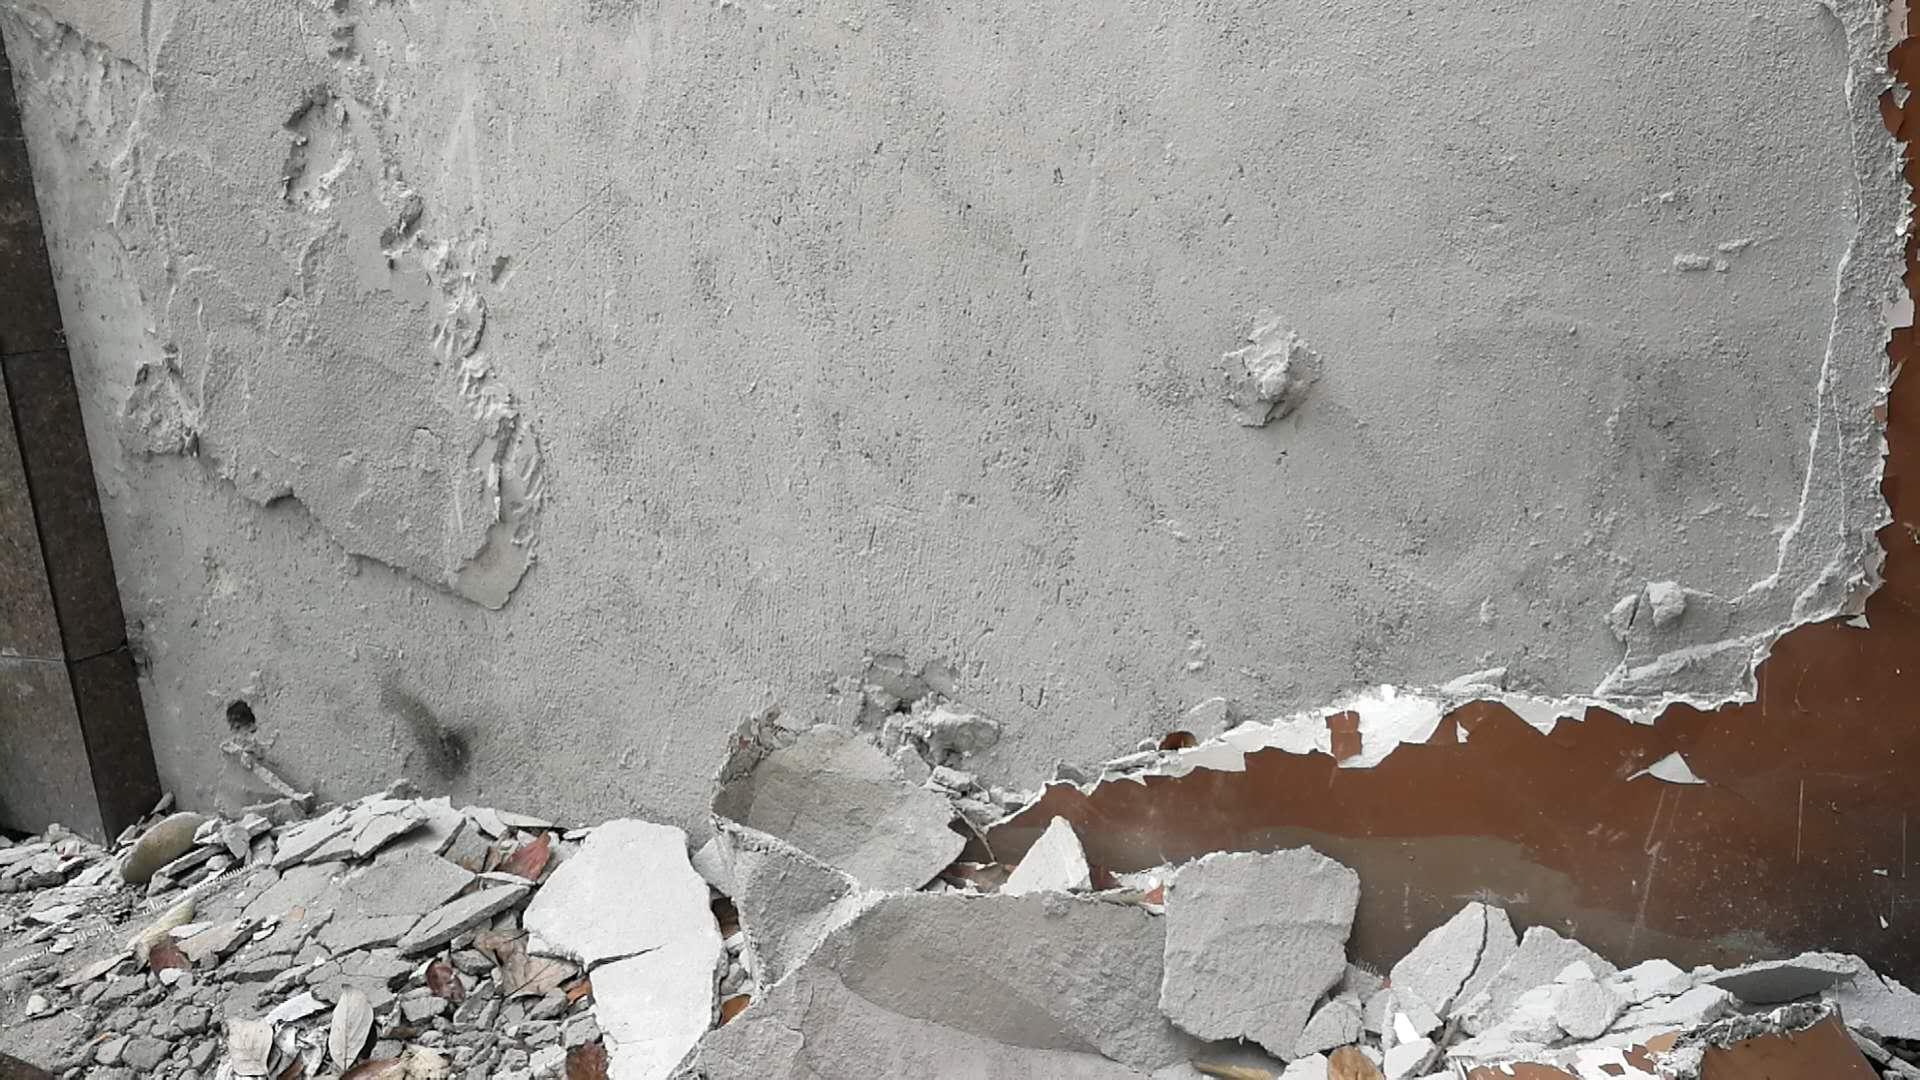 成都专业外墙拆除公司外墙保温瓷砖拆除清运